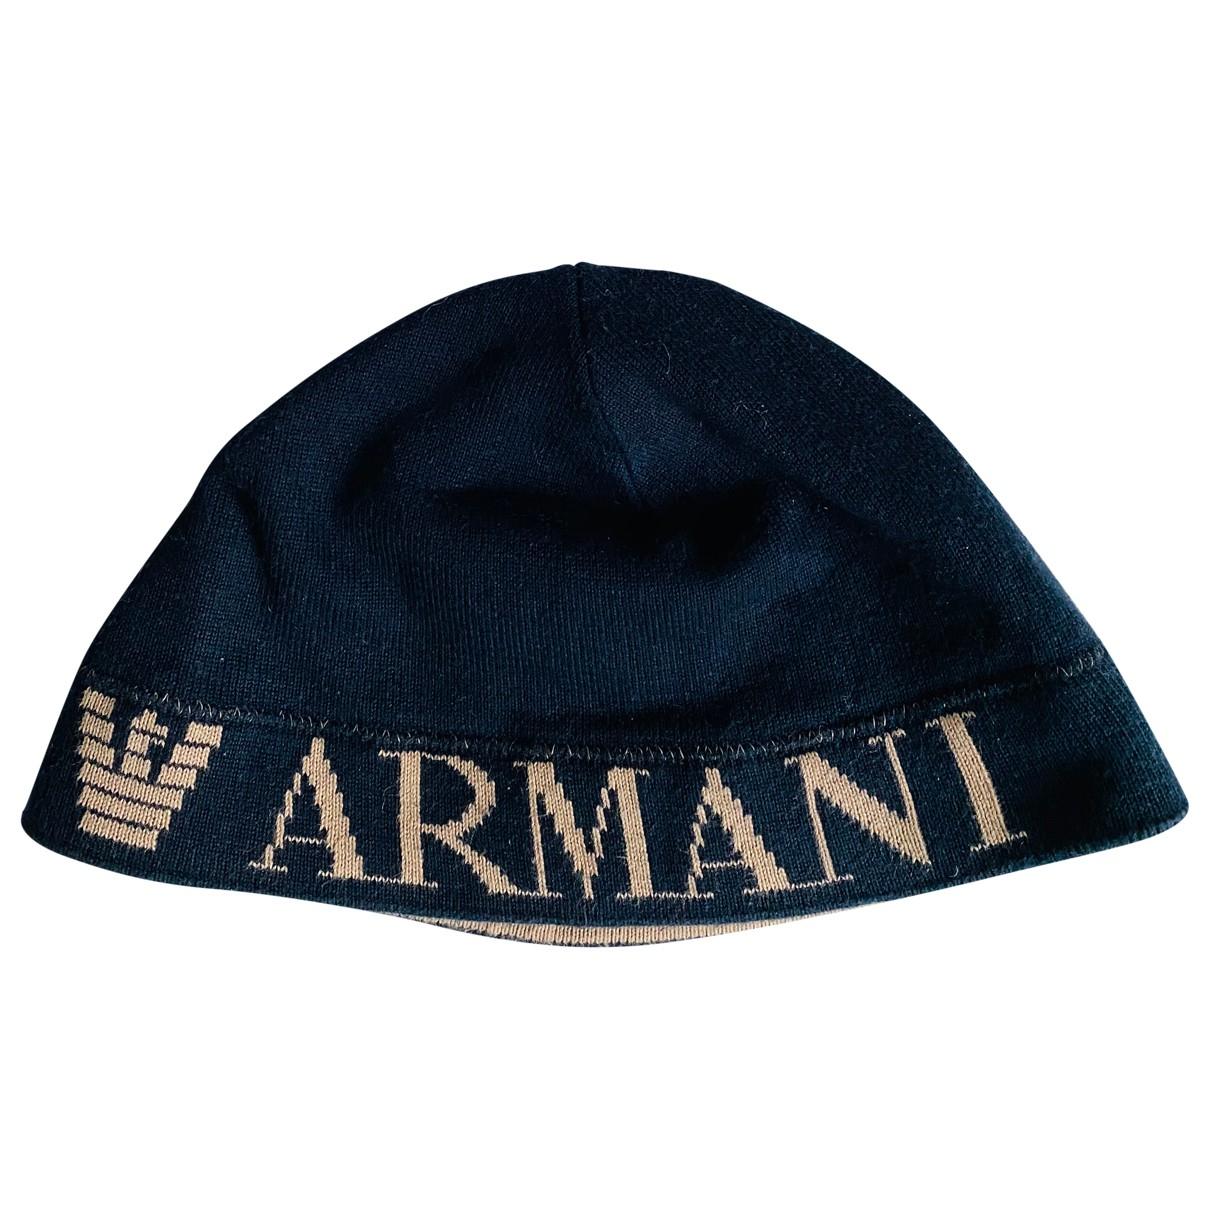 Emporio Armani \N Hut, Muetzen in  Blau Baumwolle